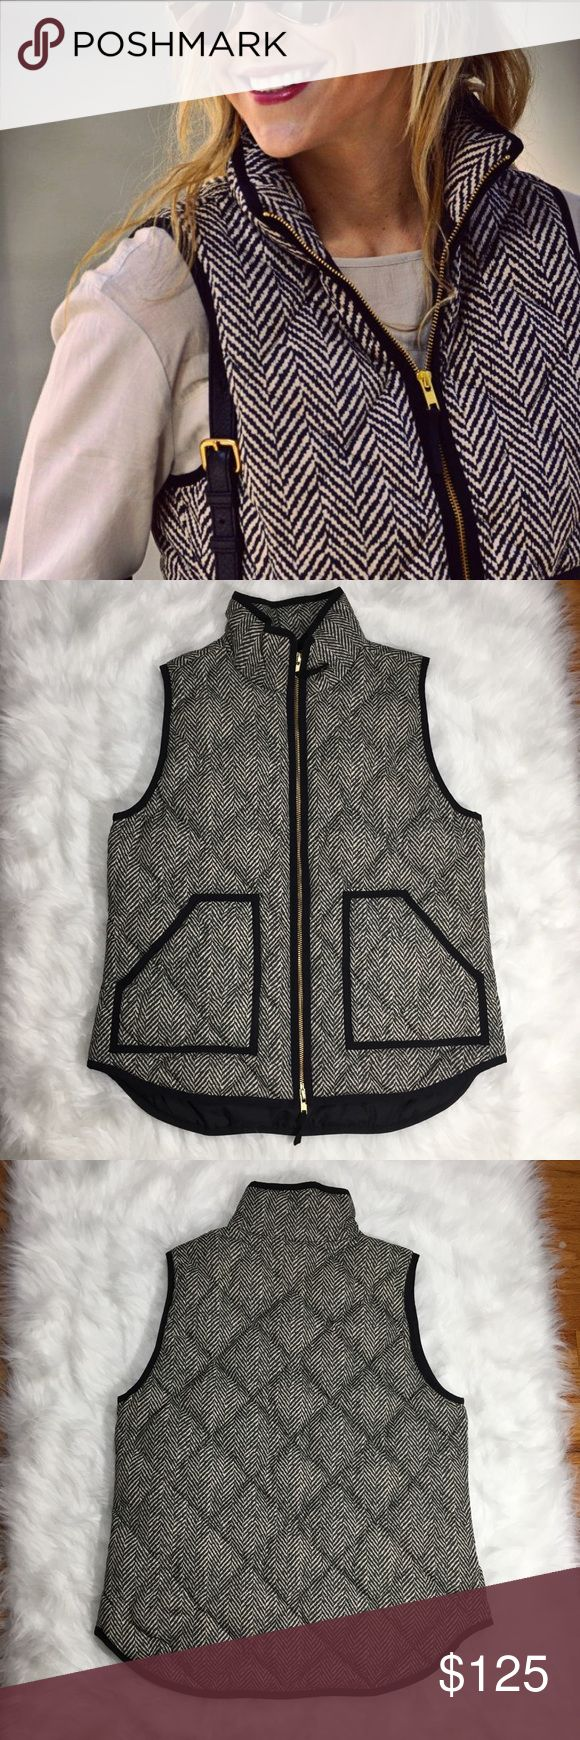 Best 25+ Excursion vest ideas on Pinterest | Duck boots outfit ...